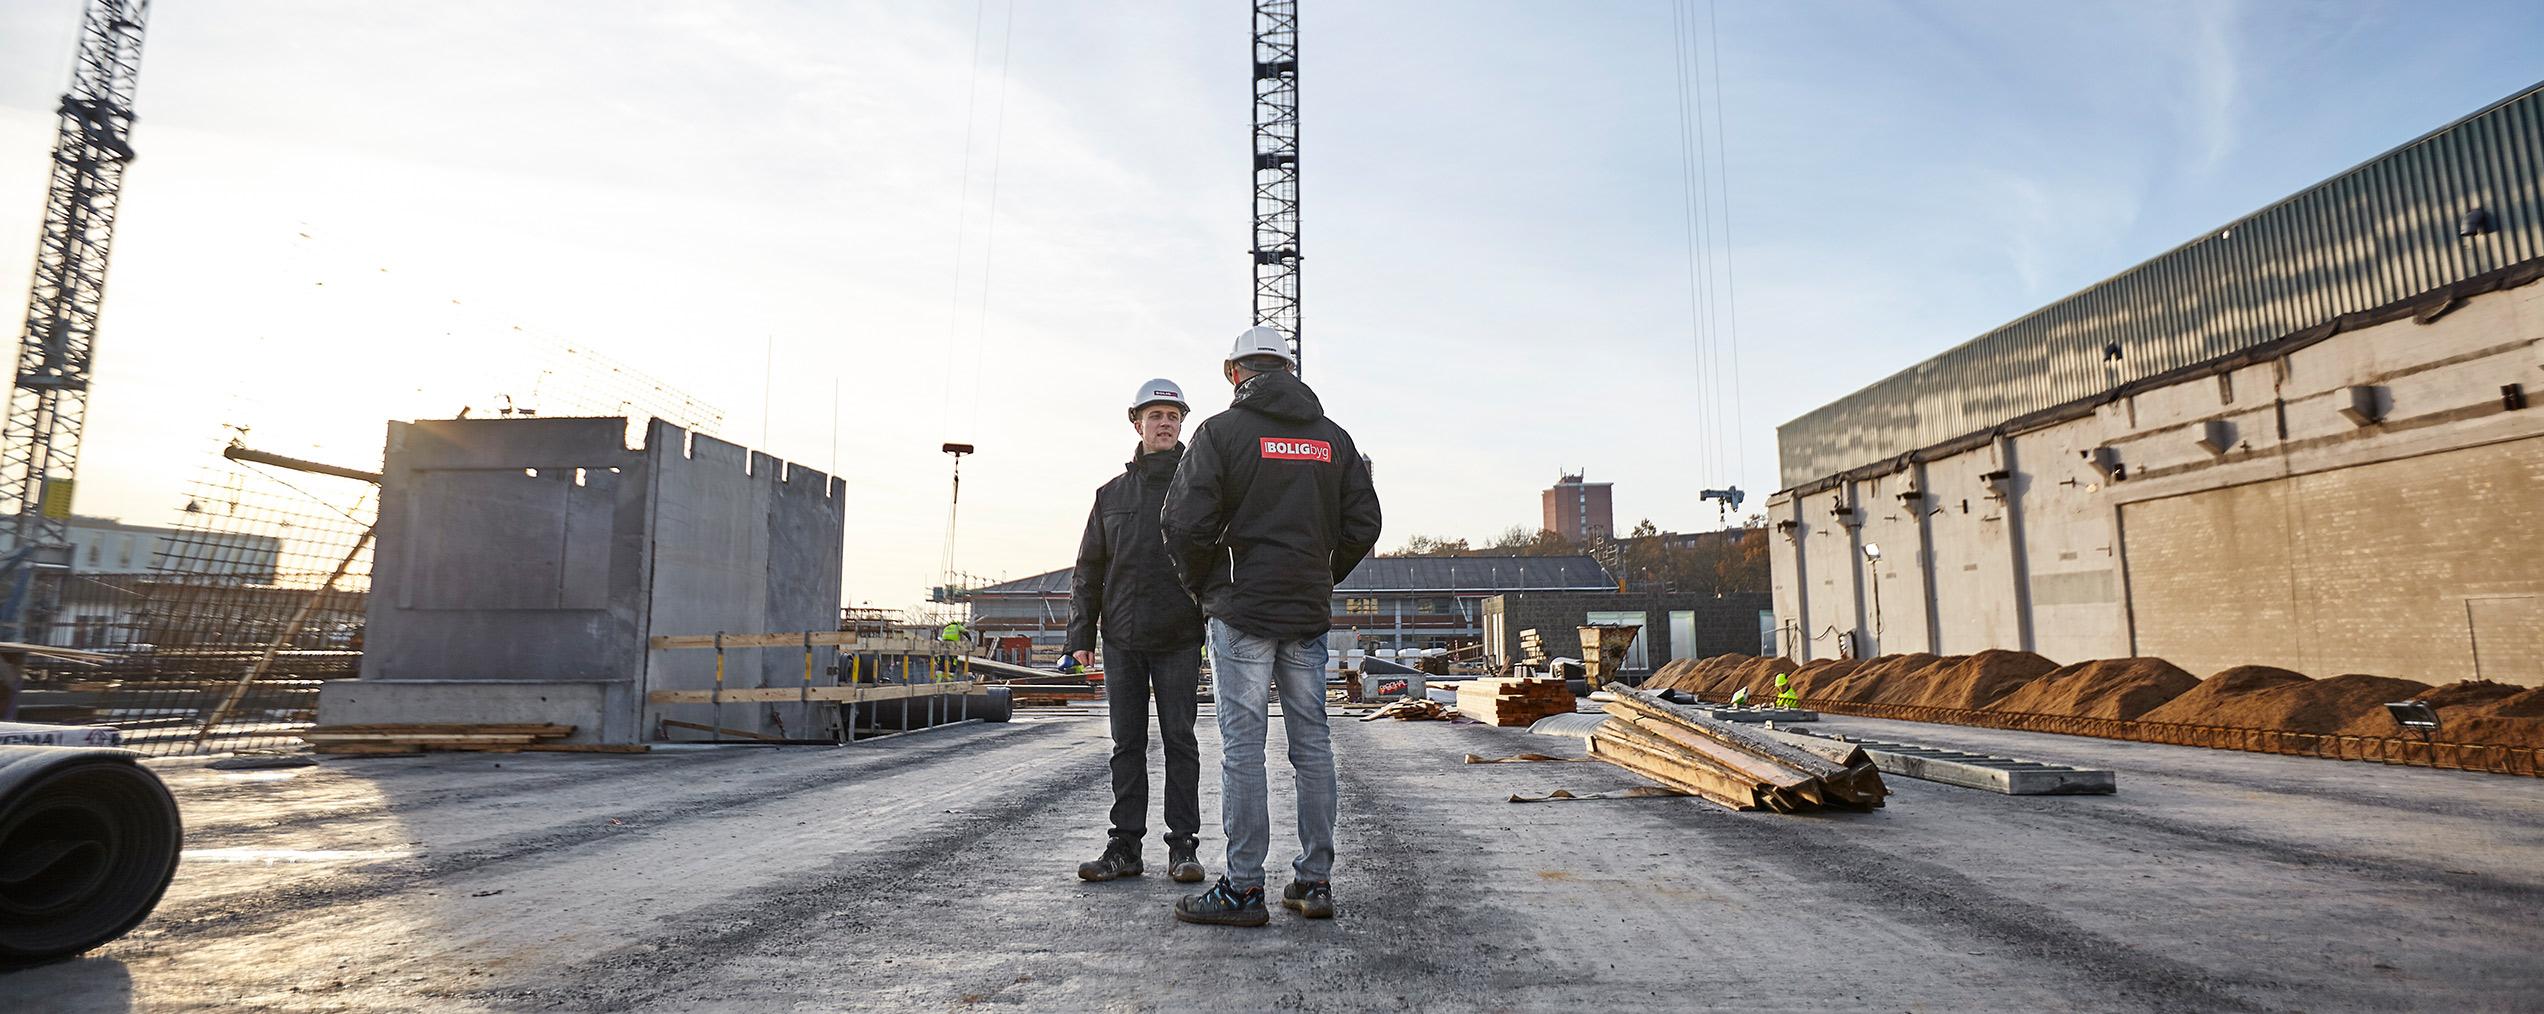 EUD A/S kan bl.a. hjælpe dig med ejendomsinvestering, ejendomsudvikling og erhvervslejemål.